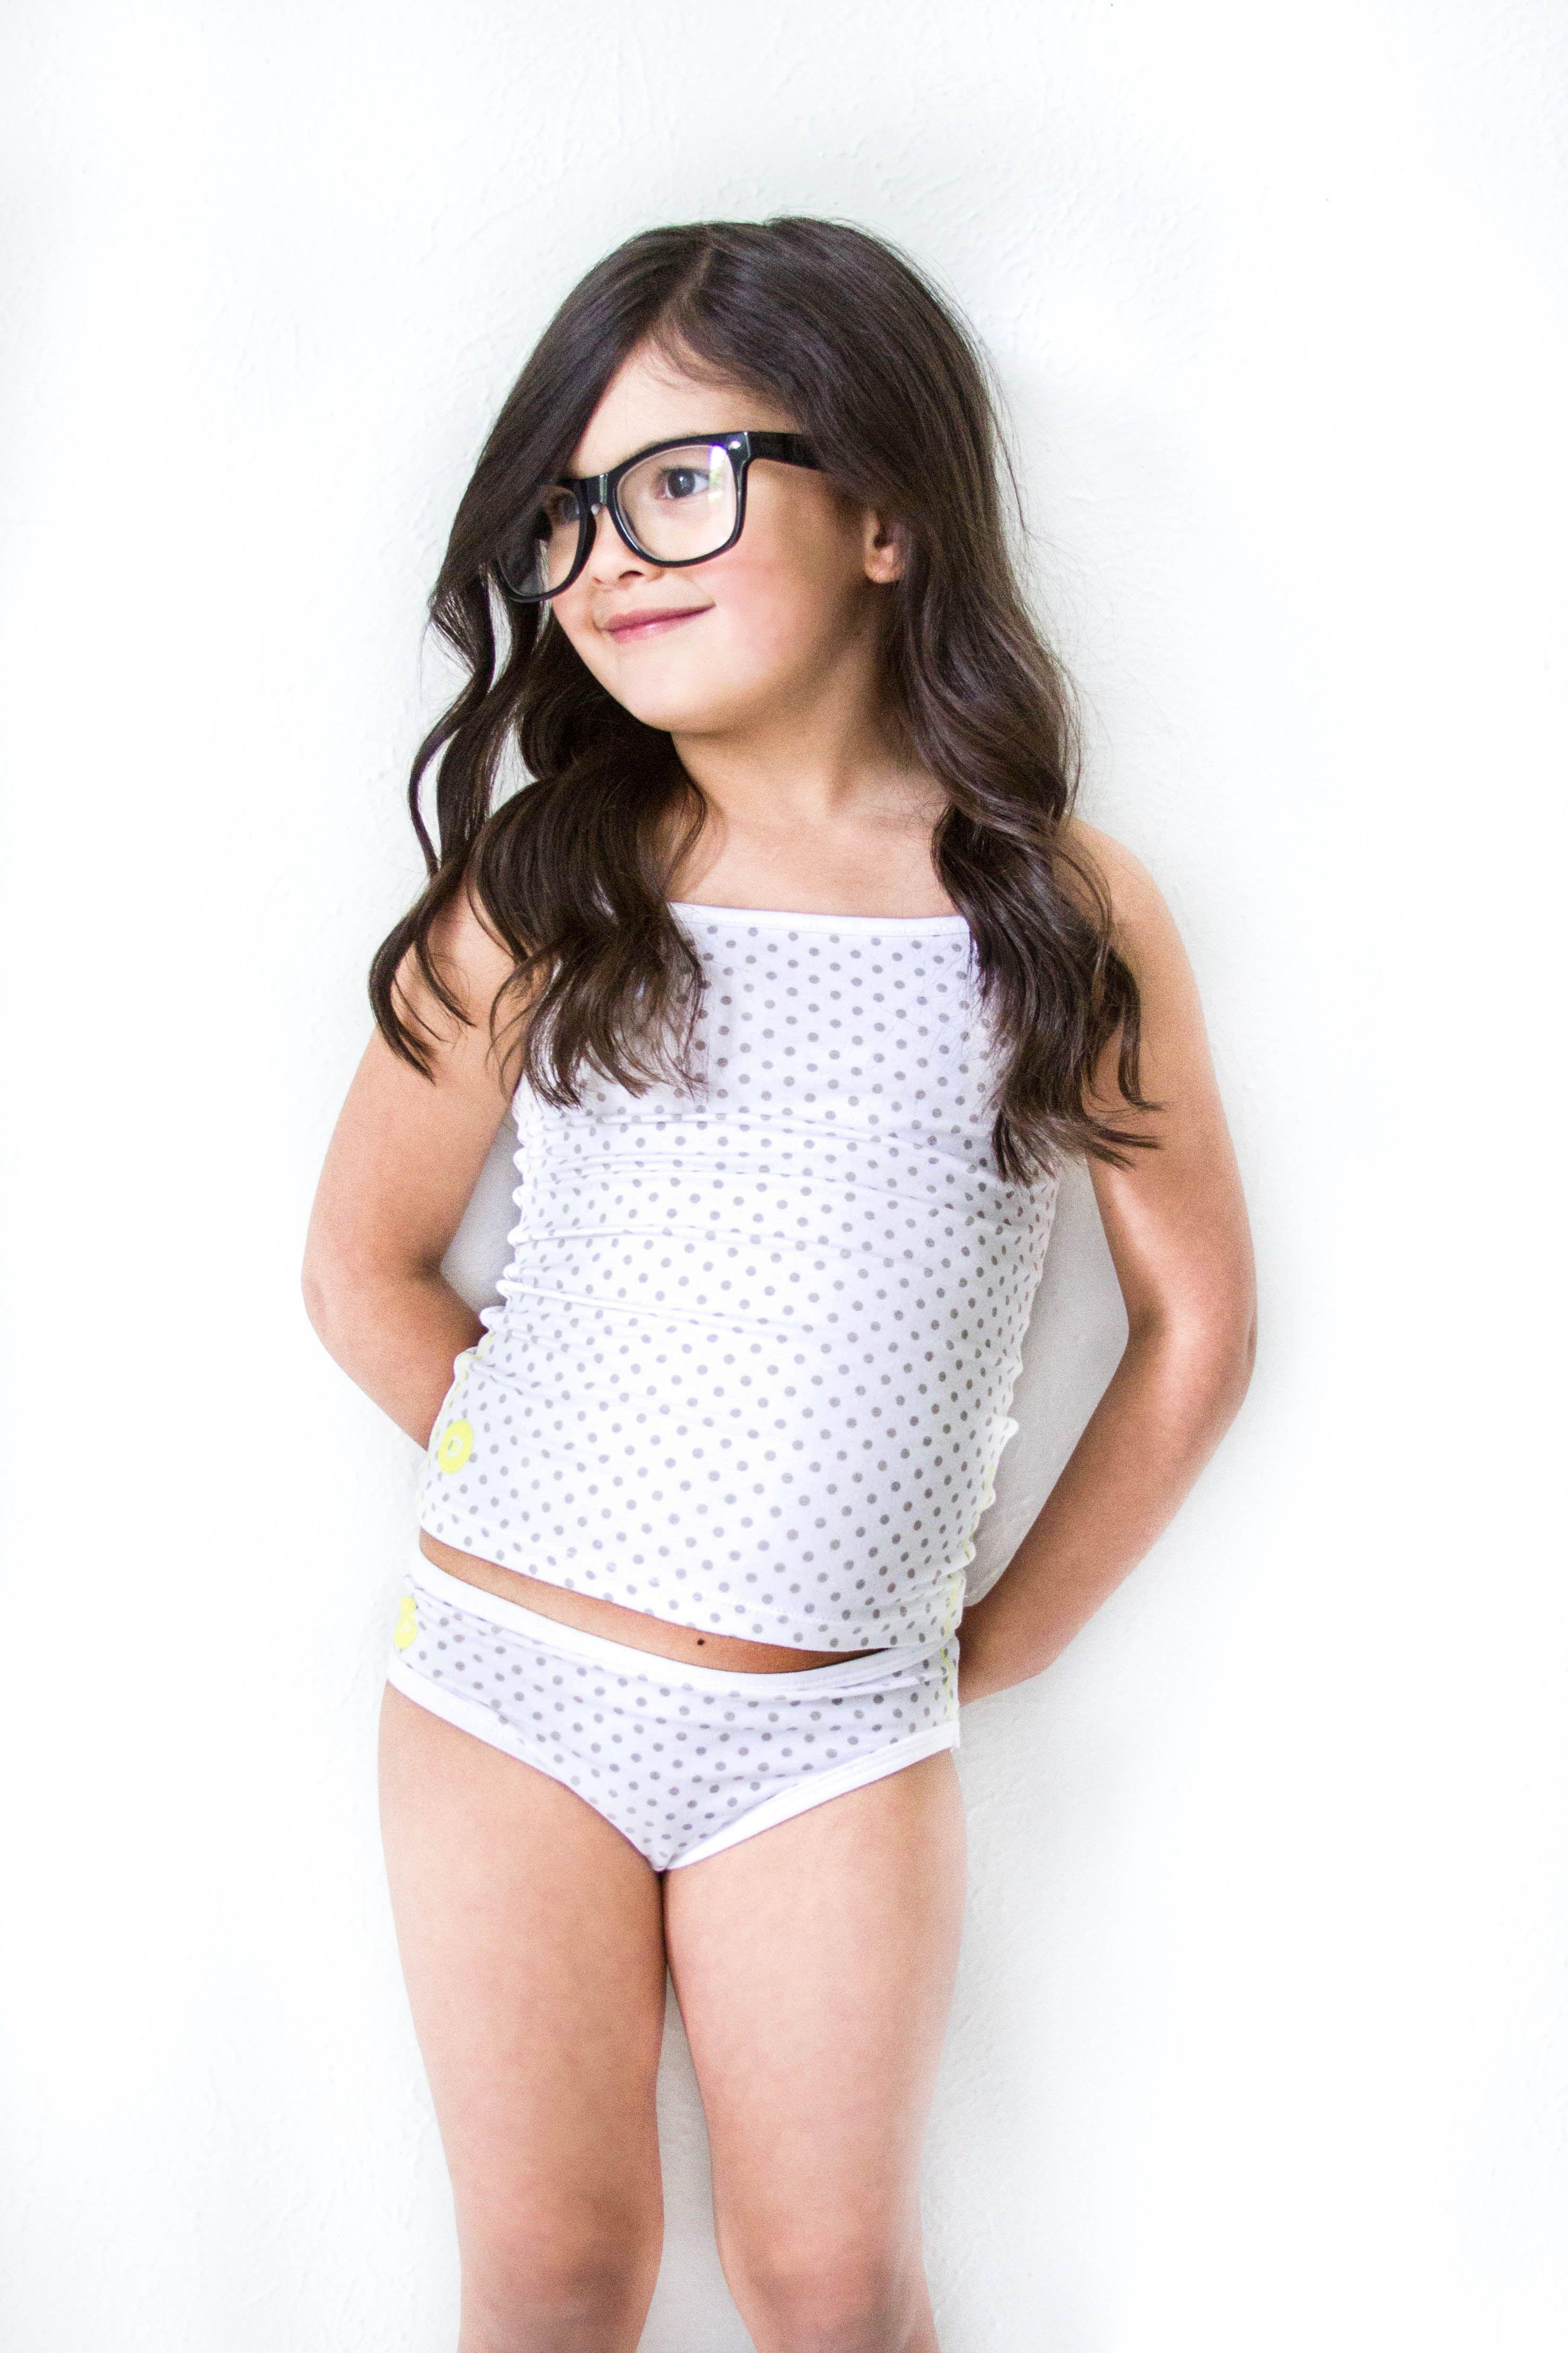 Pantie model, girls in slutty halloween costumes nude